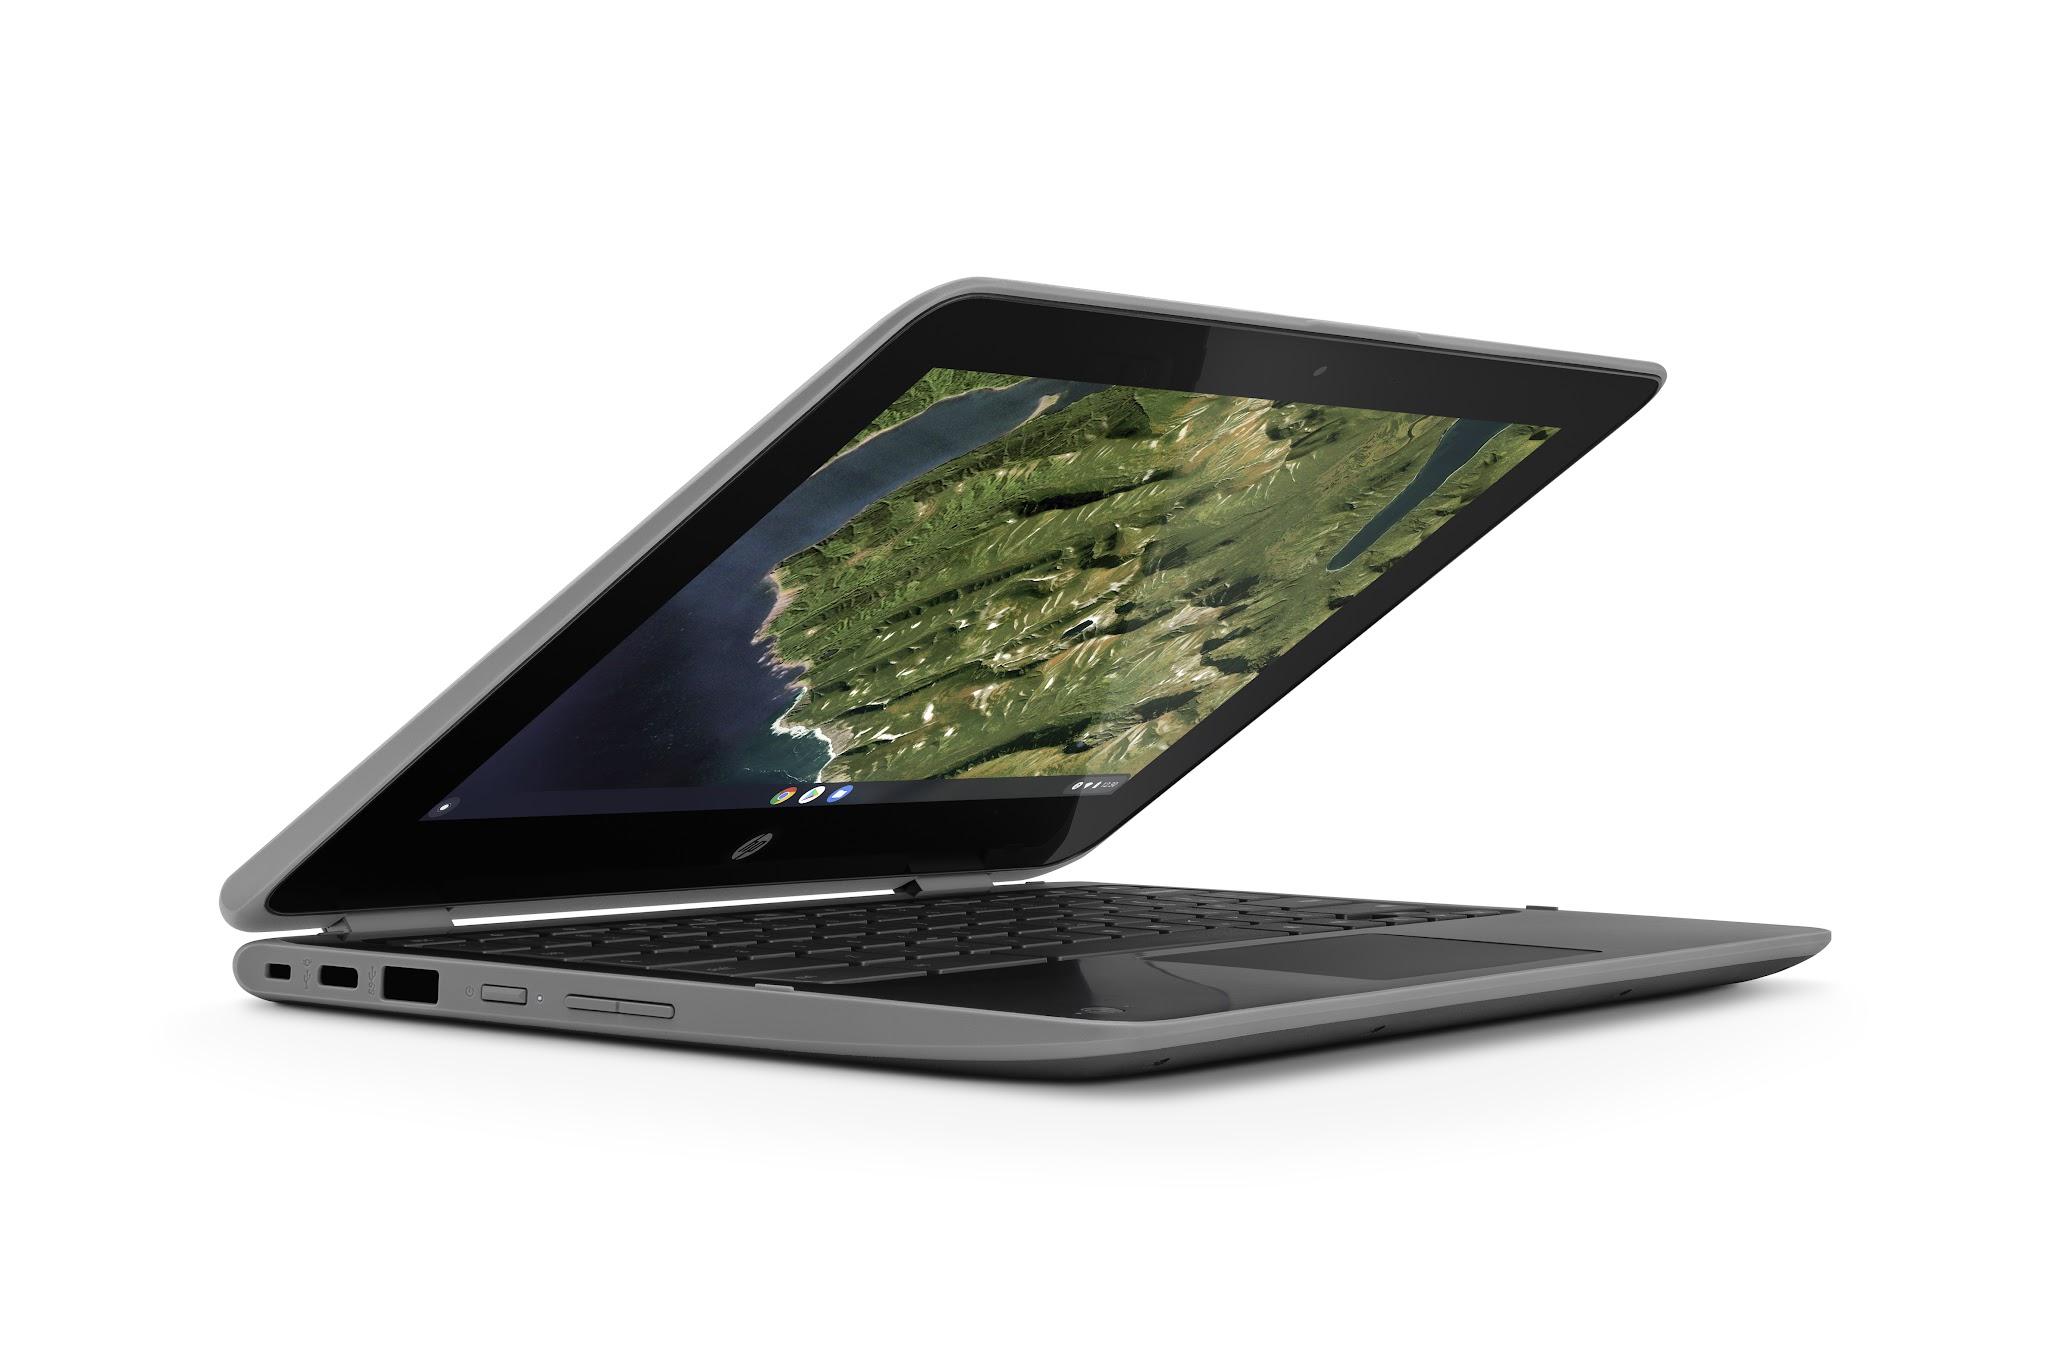 HP Chromebook x360 11 G2 EE - photo 8